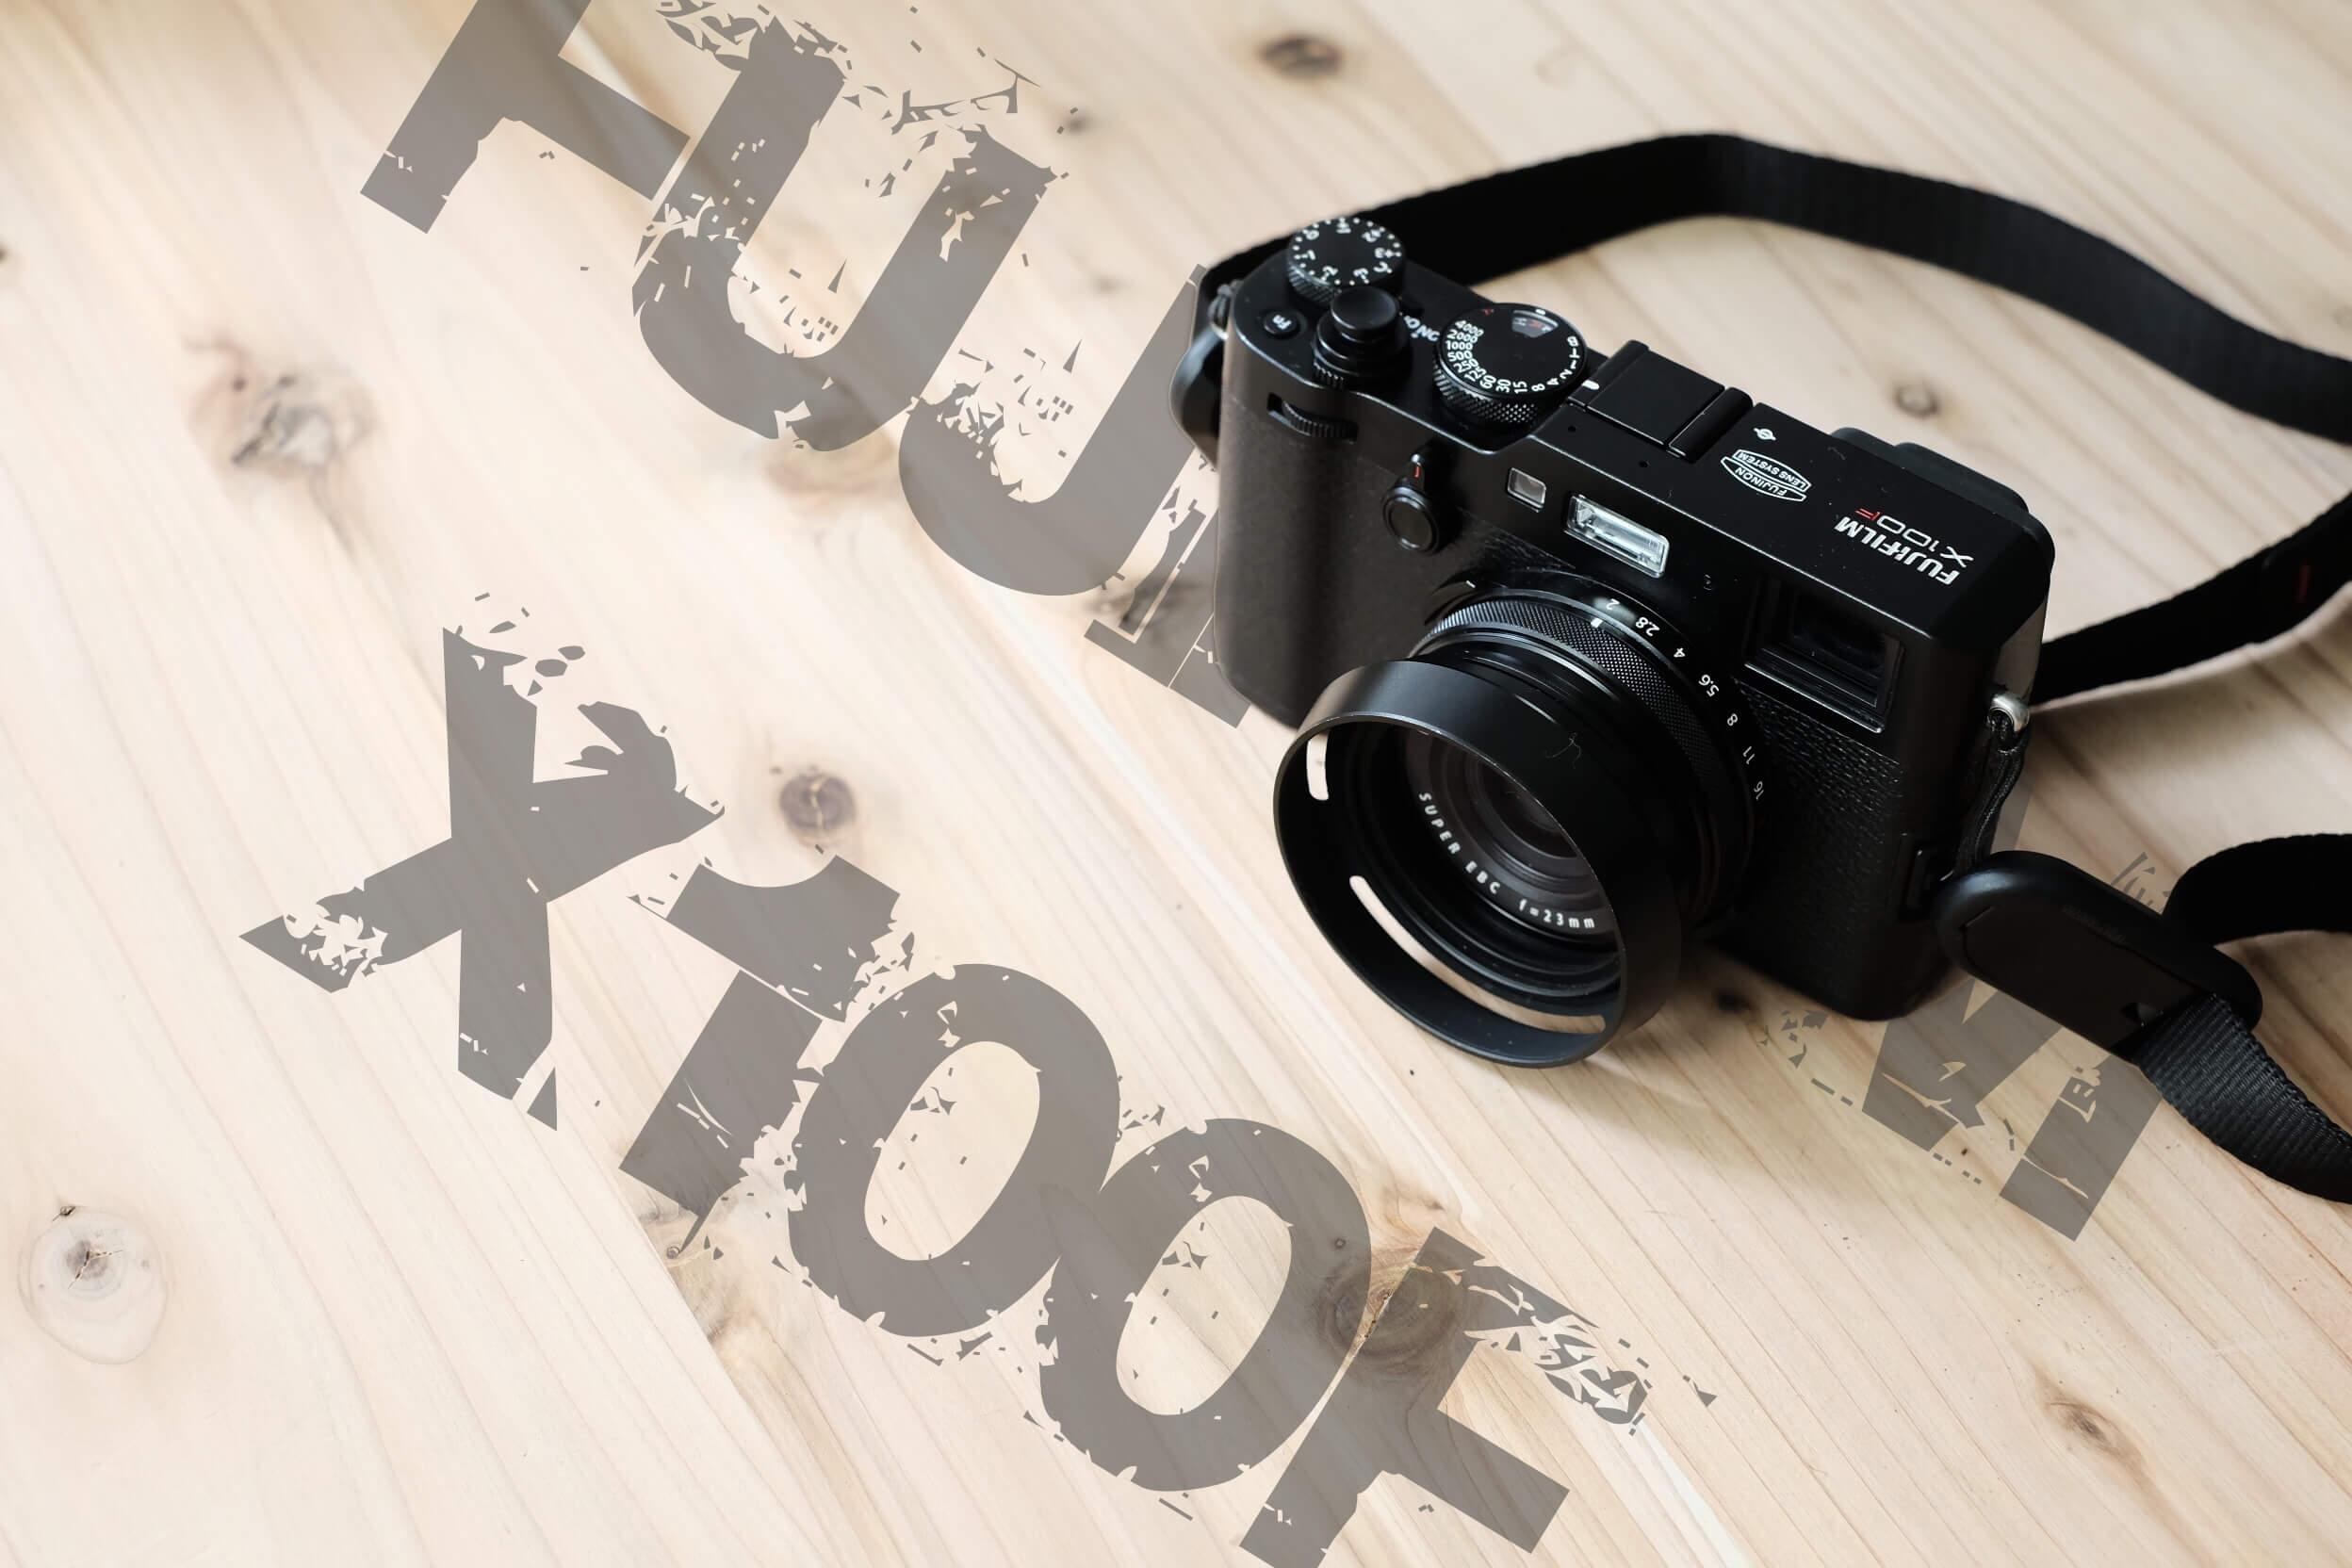 【作例レビュー】FUJIFILM X100F(ブラック)は子供を撮るサブカメラに最高のコンデジ!一緒に買ったアクセサリー6つ